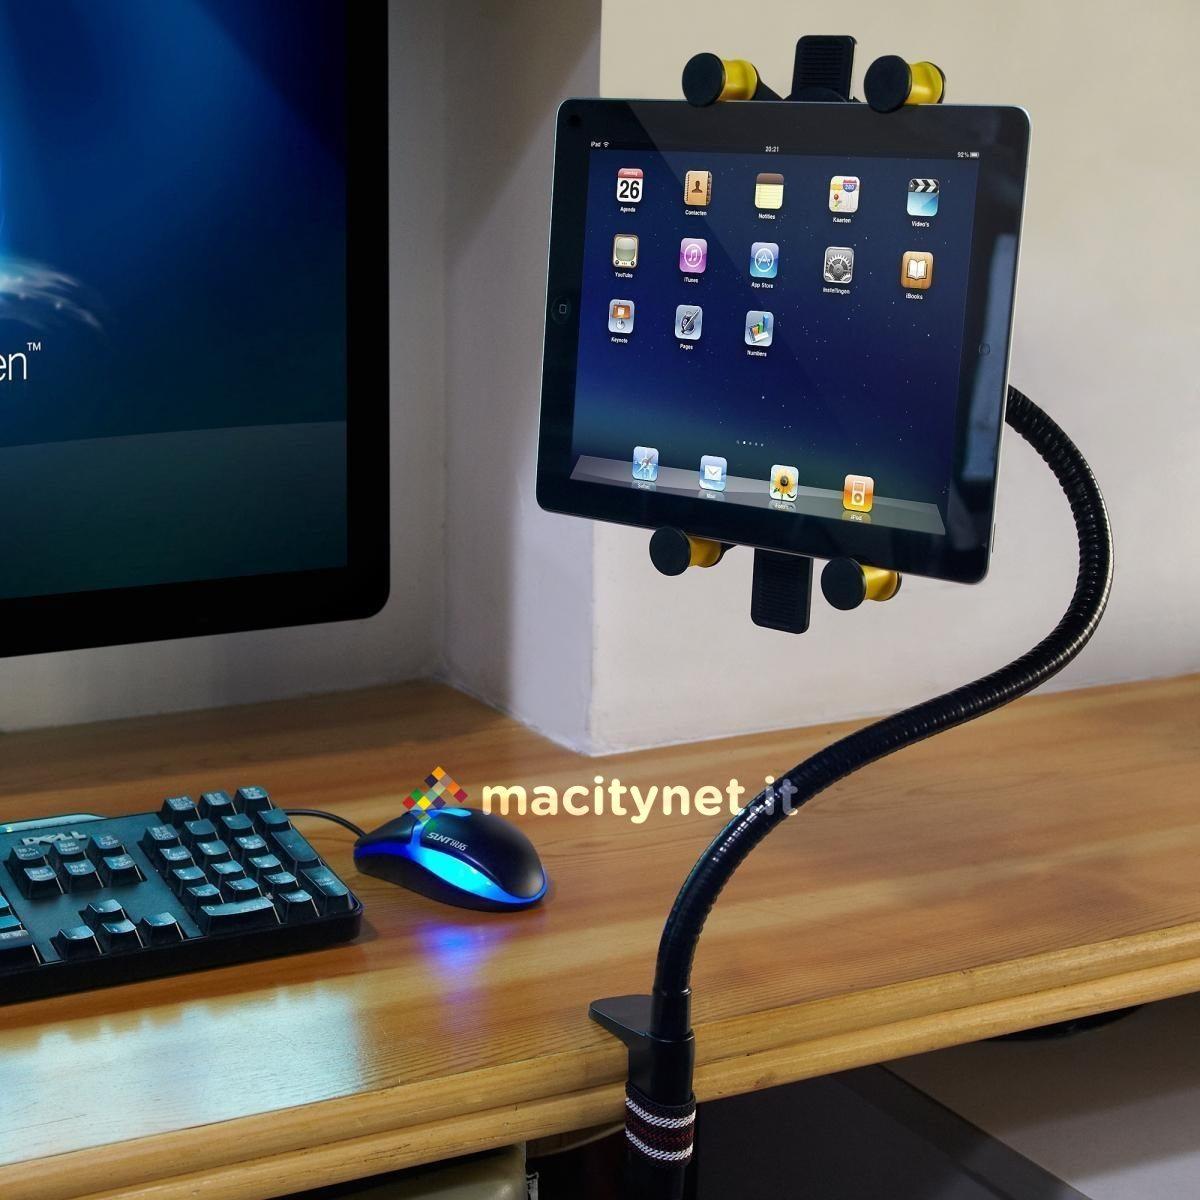 Supporto da scrivania per ipad anche pro solo 20 euro per poche ore - Supporto per ipad da letto ...